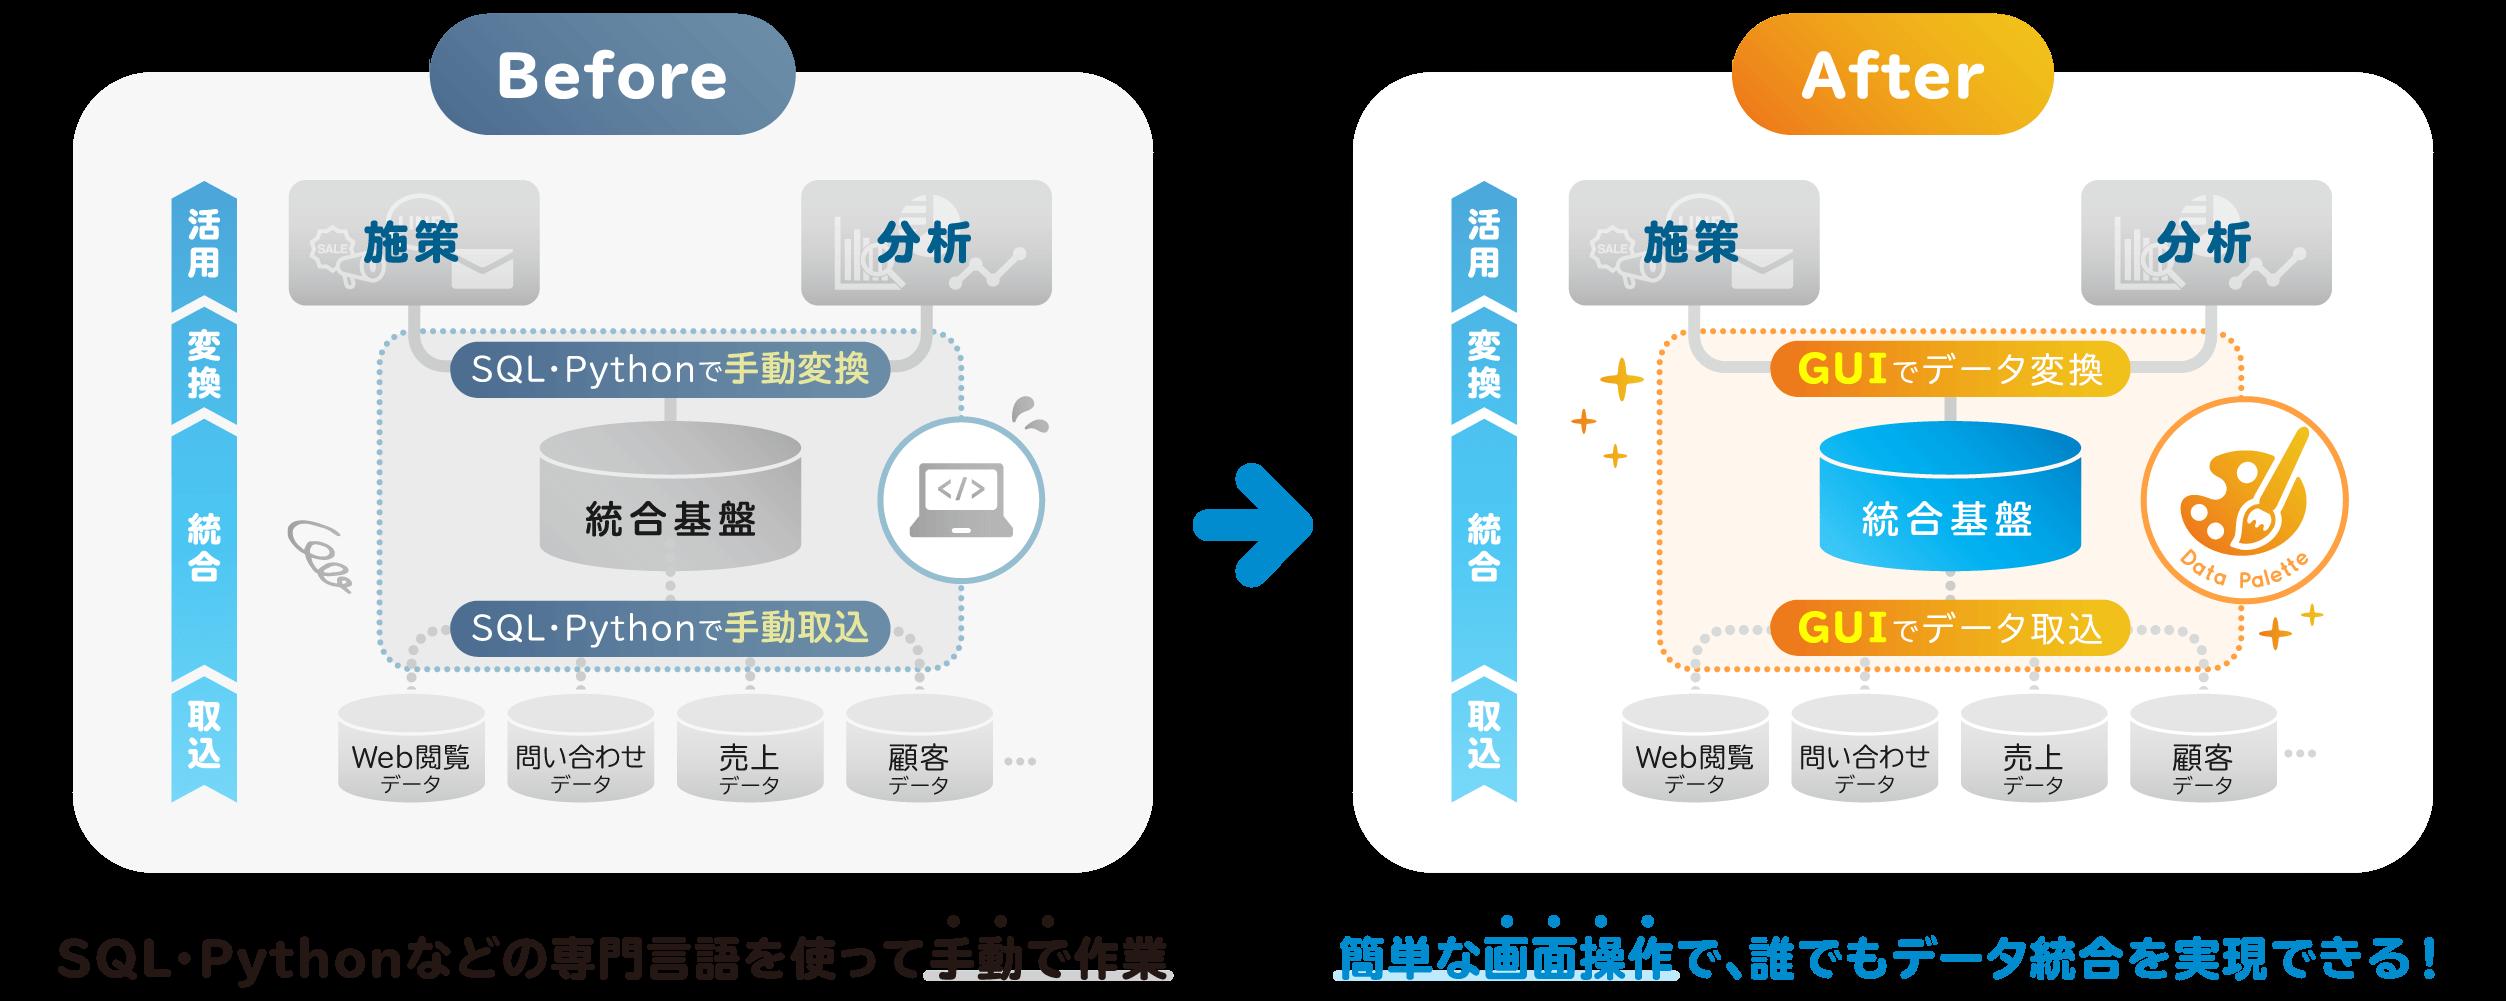 【Before】SQL・Pythonなどの専門言語を使って手動で作業/【After】簡単な画面操作で、誰でもデータ統合を実現できる!